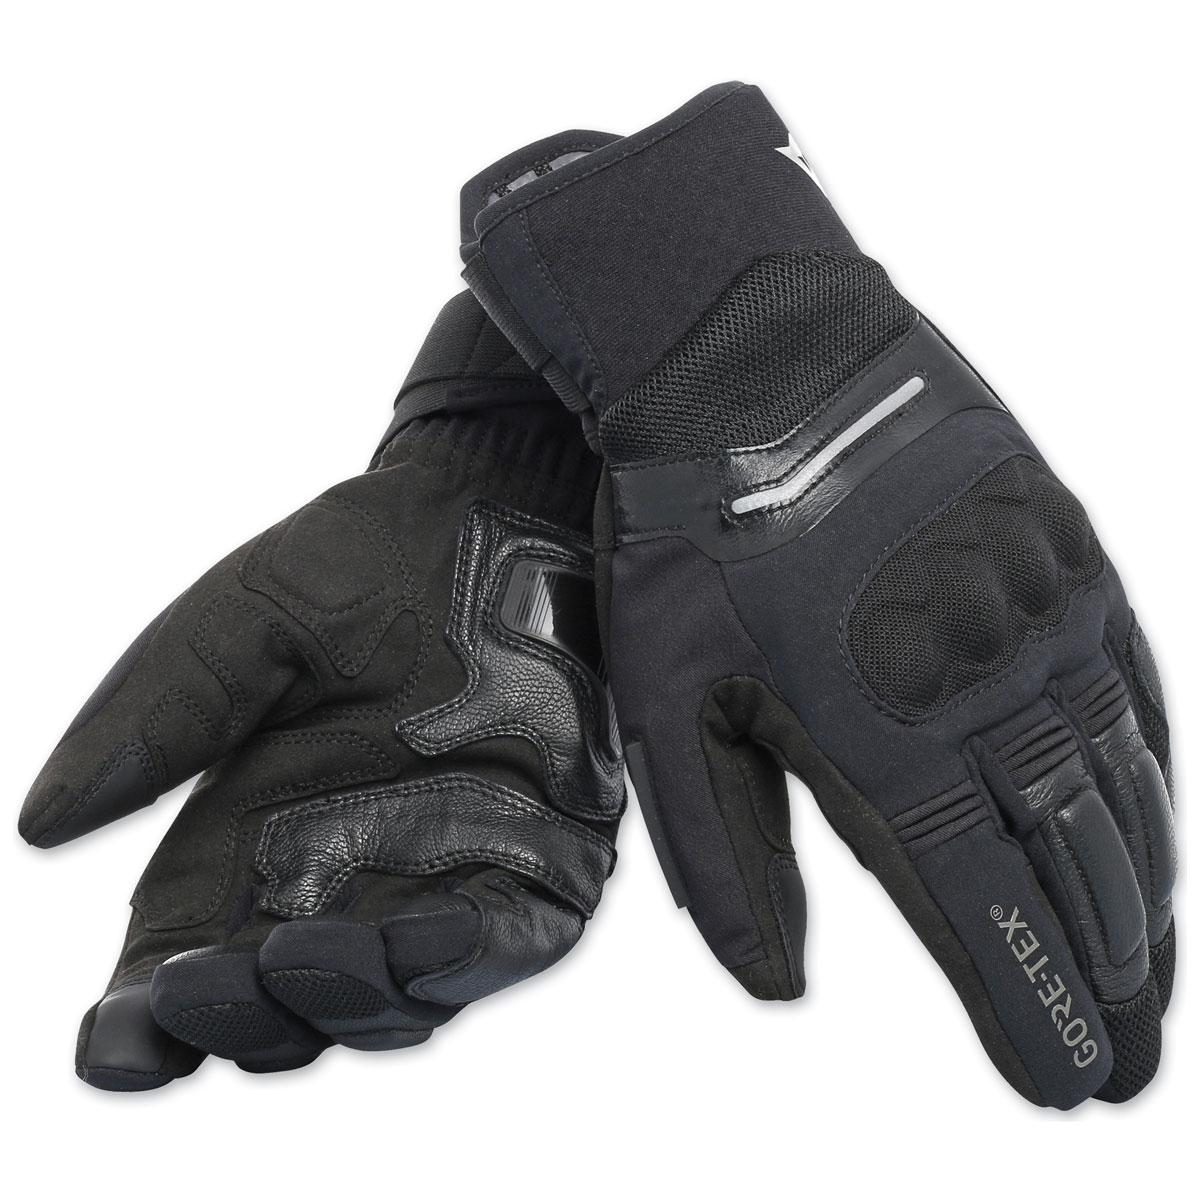 Dainese Men's Solarys Gore-Tex Short Black Gloves